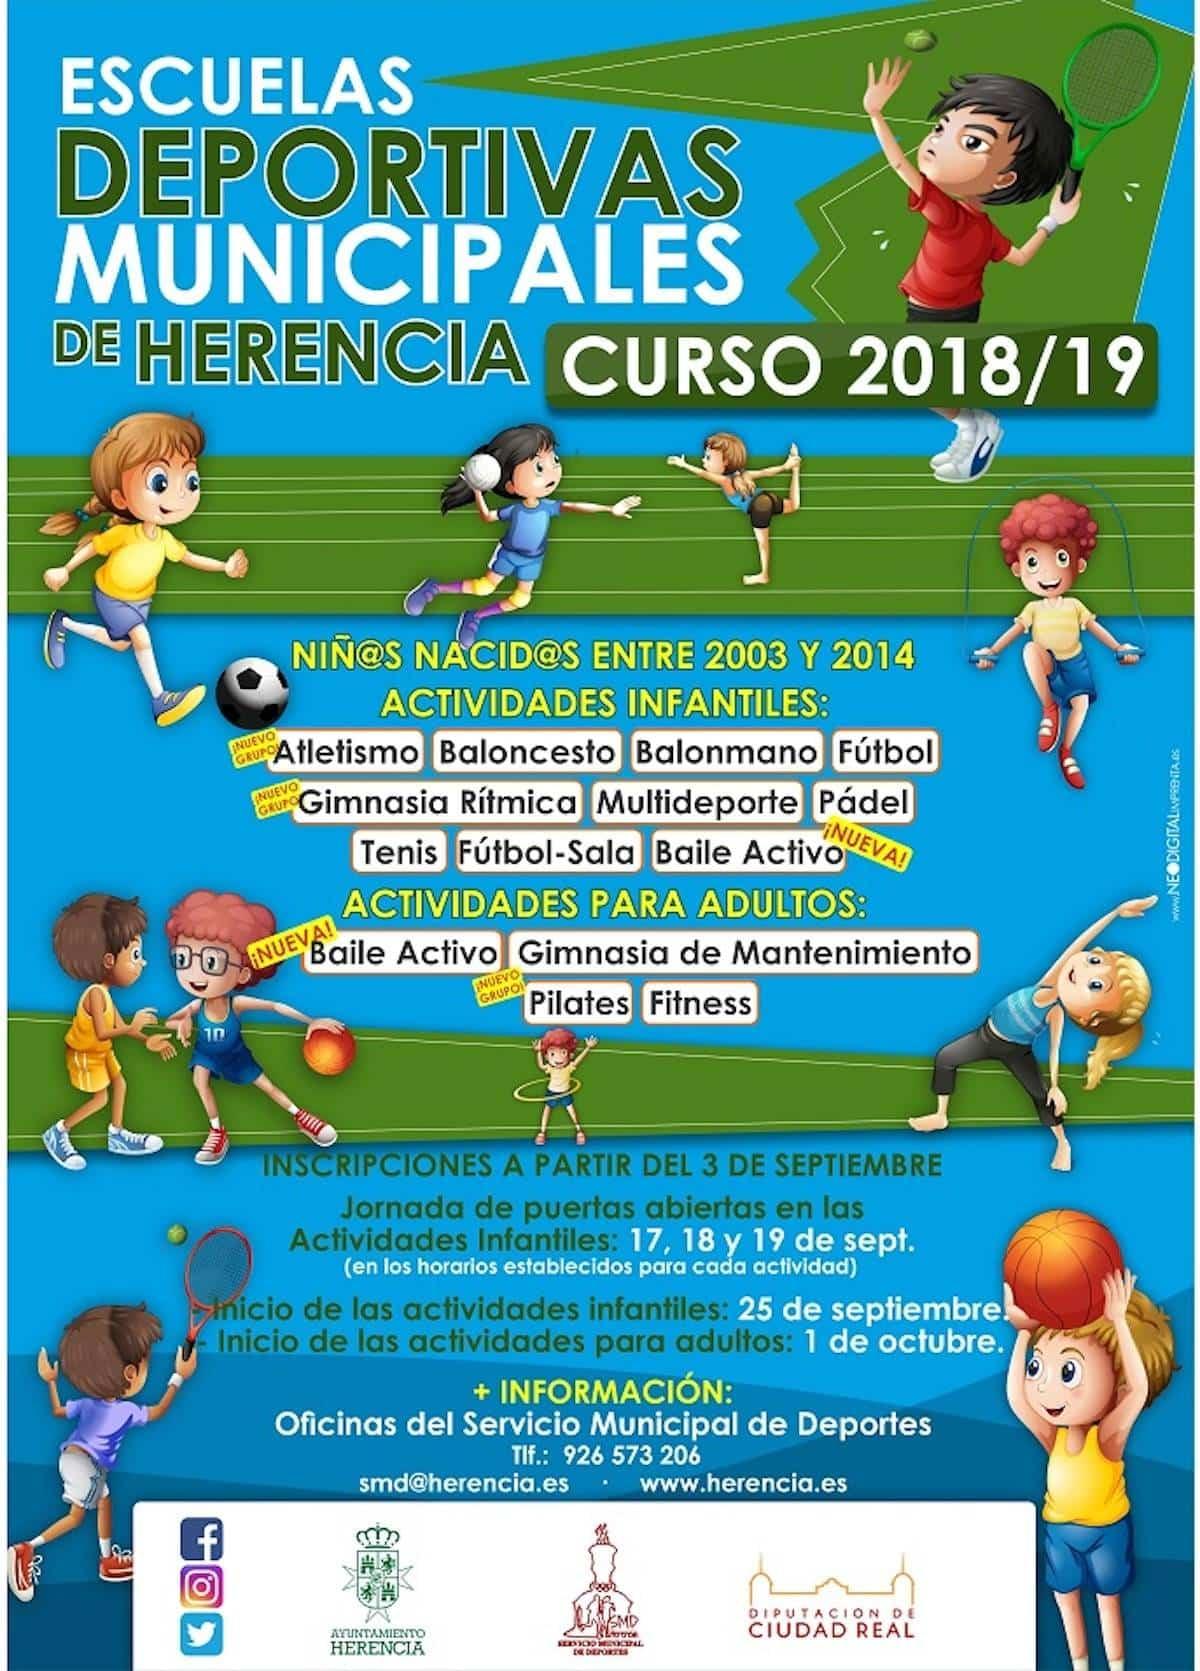 escuelas deportivas herencia 2018 2019 - Las Escuelas Deportivas Municipales de Herencia abren su plazo de inscripción